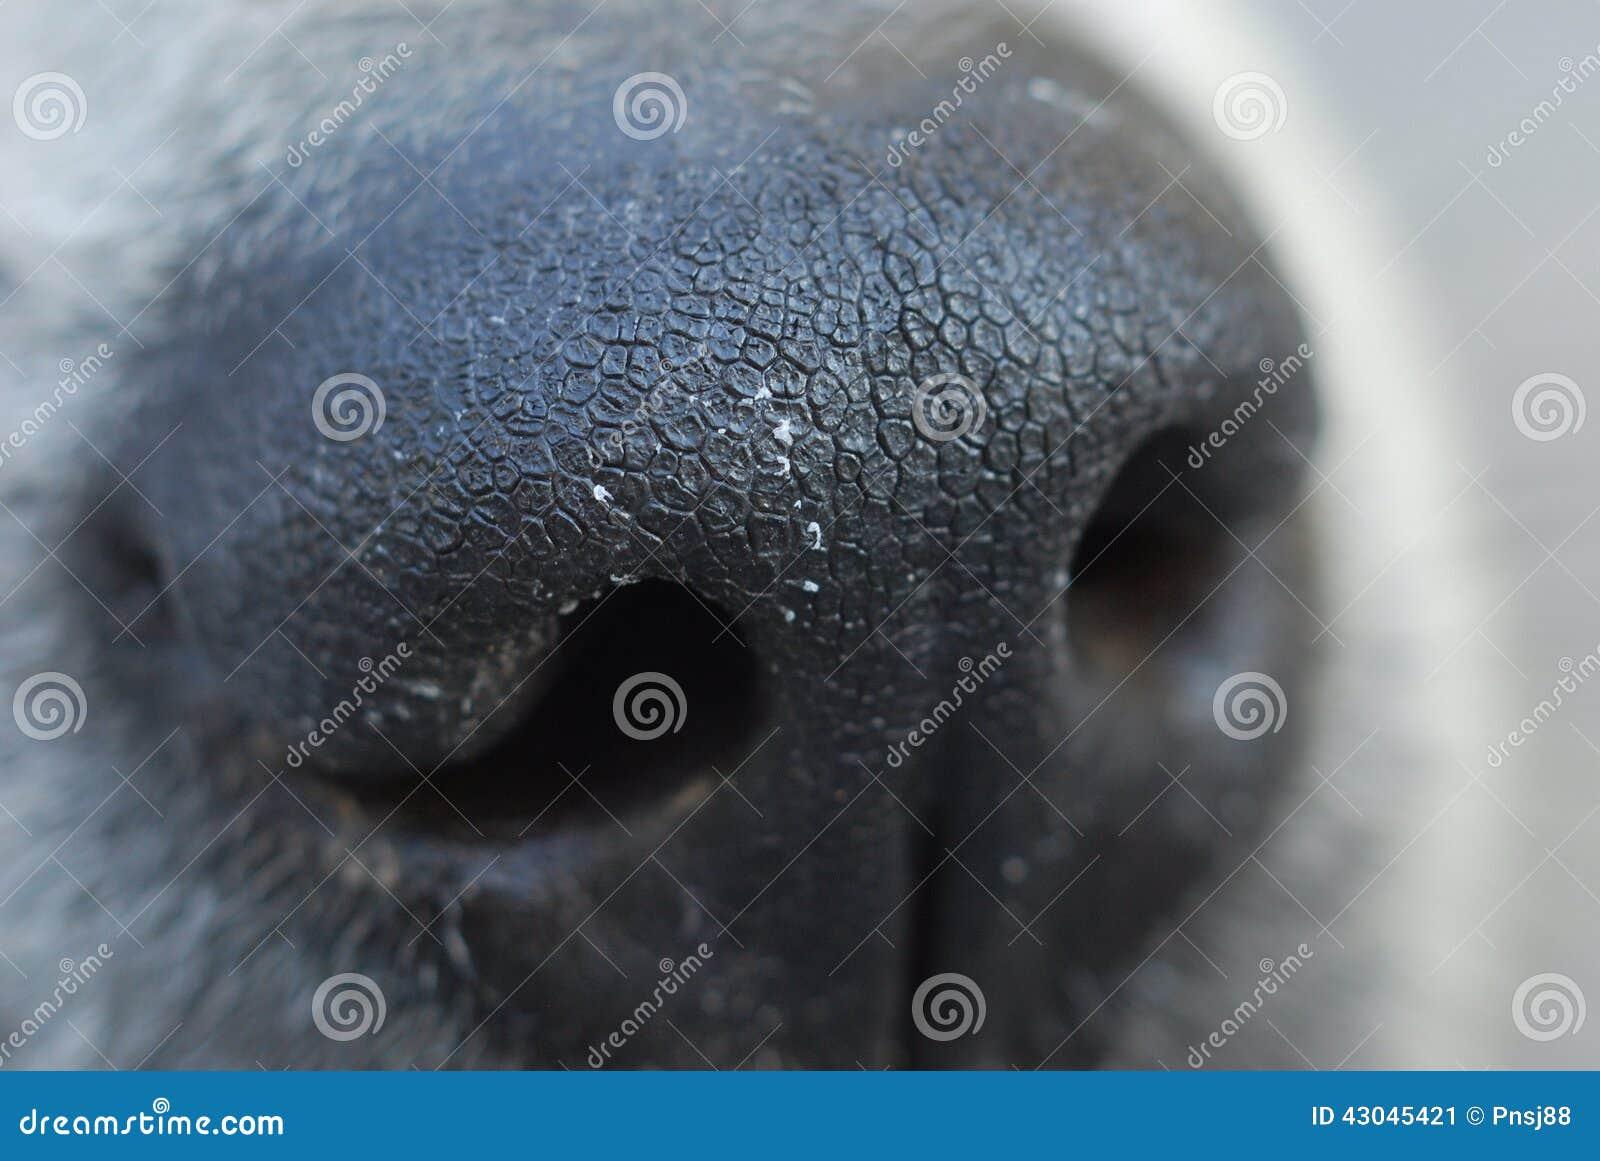 Macro de nez de chien photo stock image 43045421 for Interieur nez sec